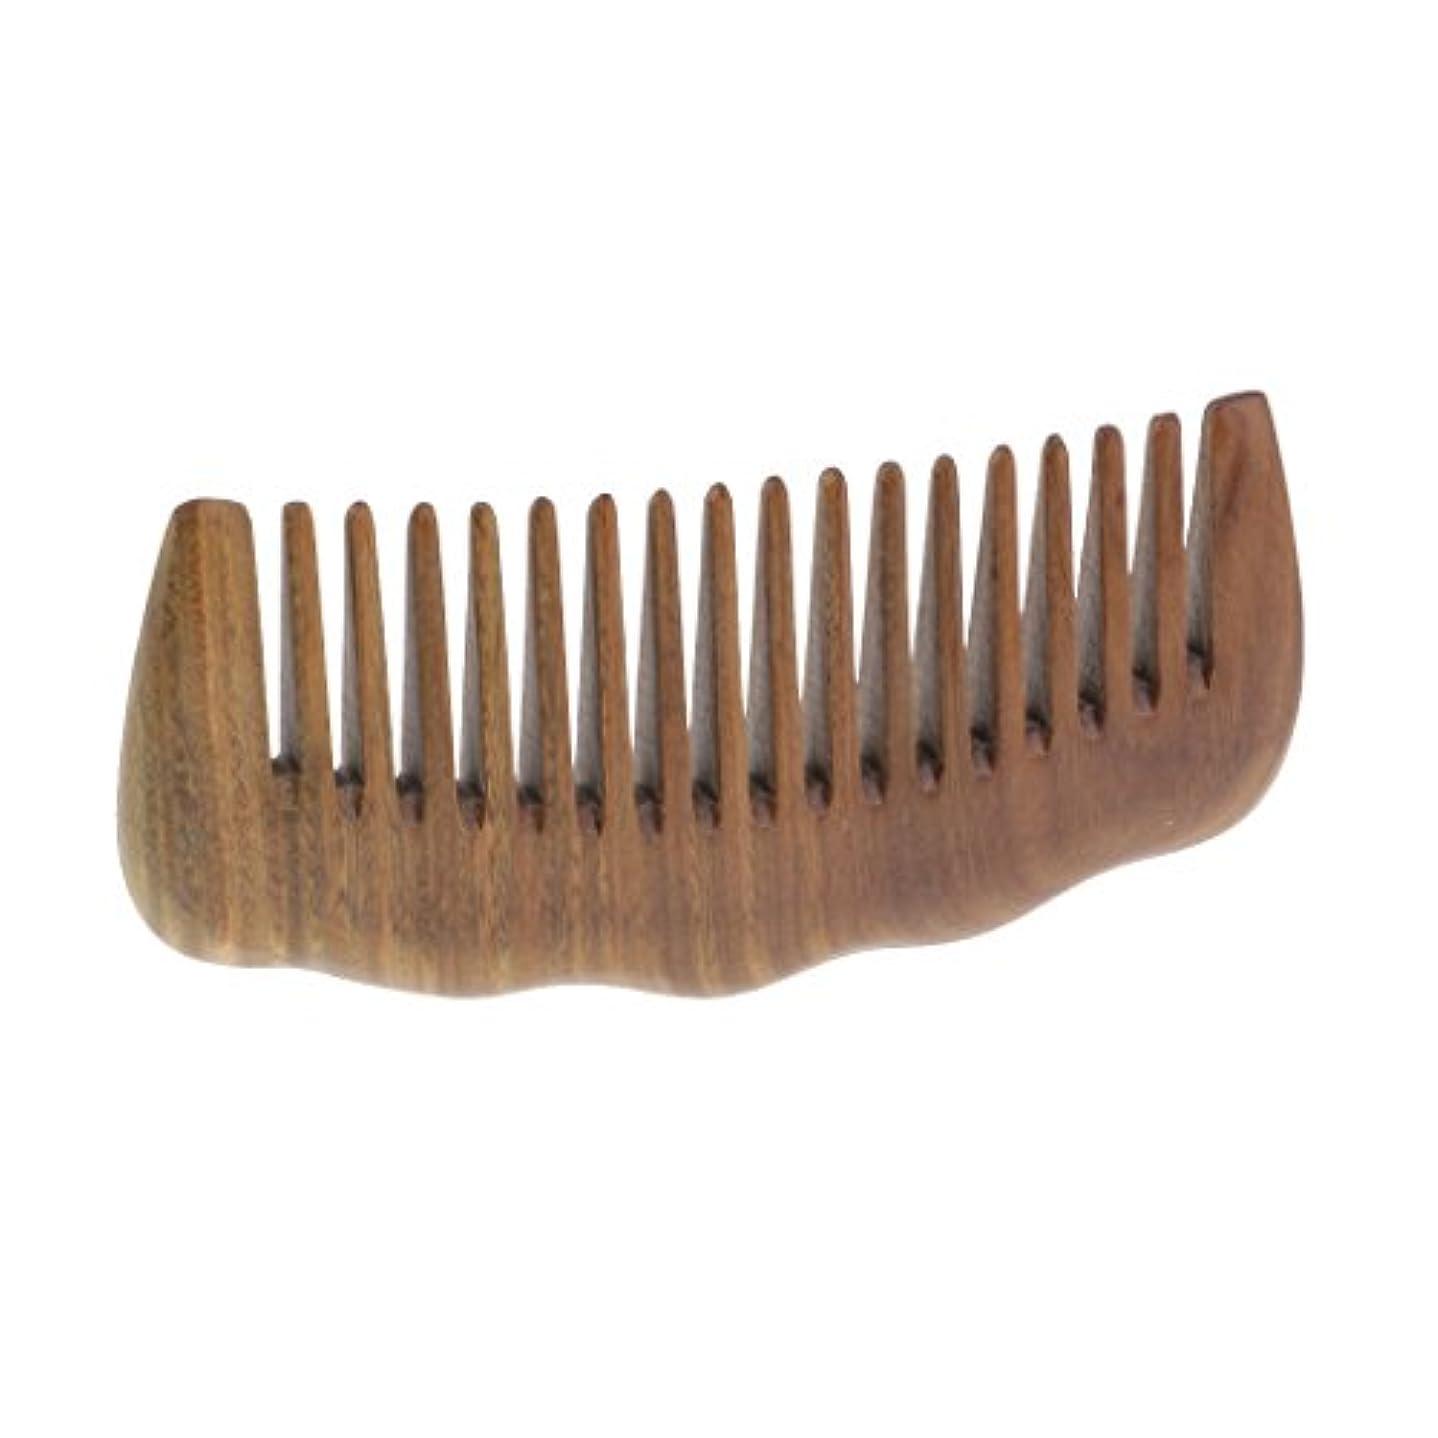 正気協力する進捗ウッドコーム 木製櫛 頭皮マッサージ 伝統工芸品 滑らか ヘアケア ナチュラルサンダルウッド 高品質